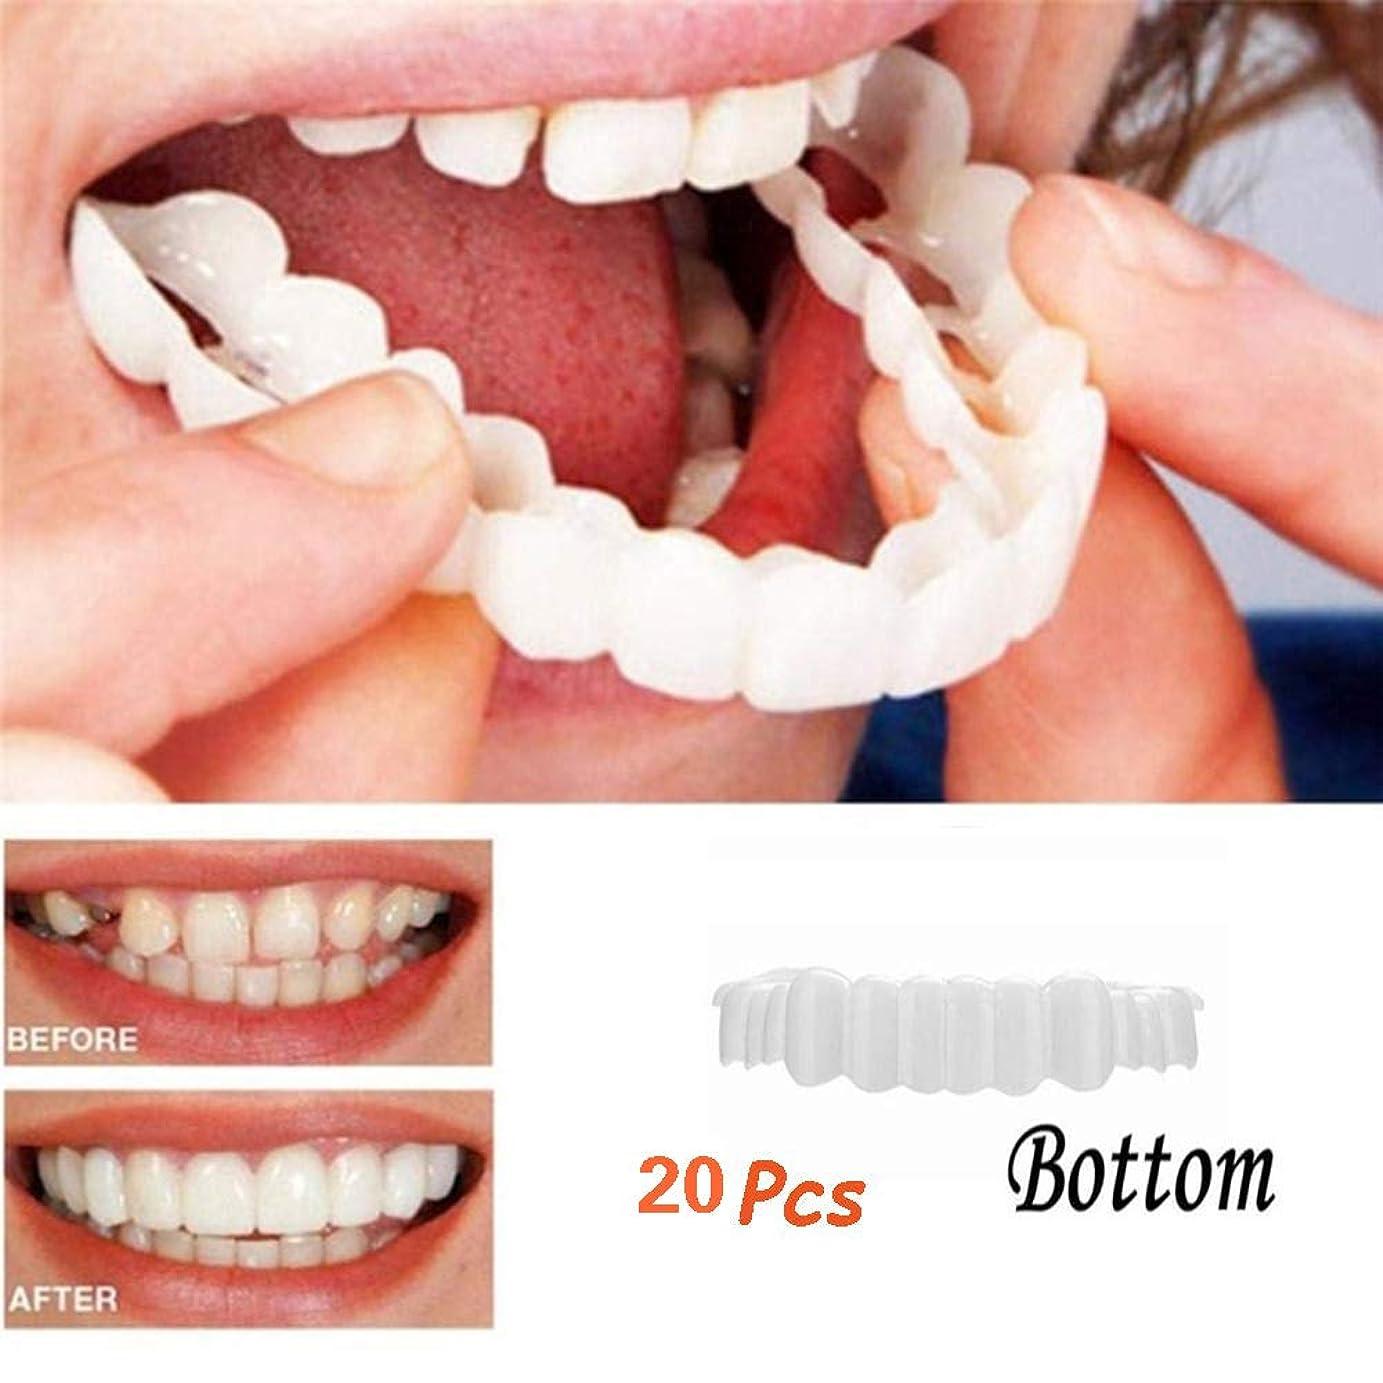 教育学不運贅沢な20ピースボトム化粧品歯コンフォートフィットフレックス化粧品歯義歯歯低い歯ホワイトニングスナップオンインスタント笑顔サイズフィット